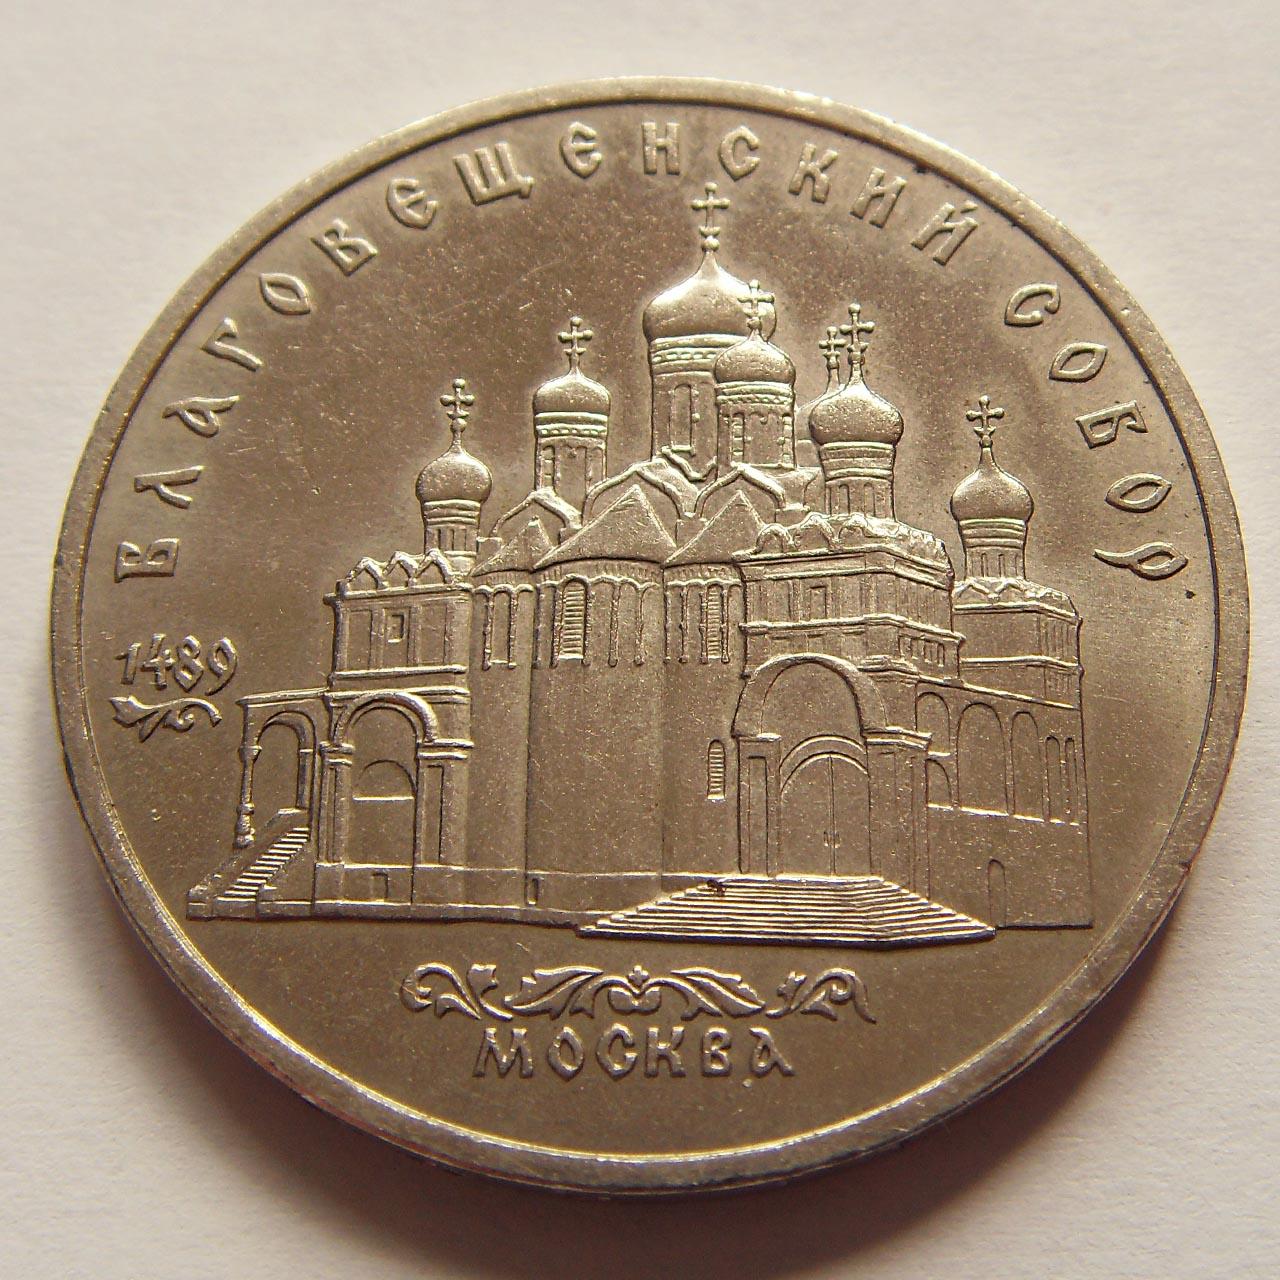 5 рублей ссср 1989 благовещенский собор цена магазин форма нато в спб